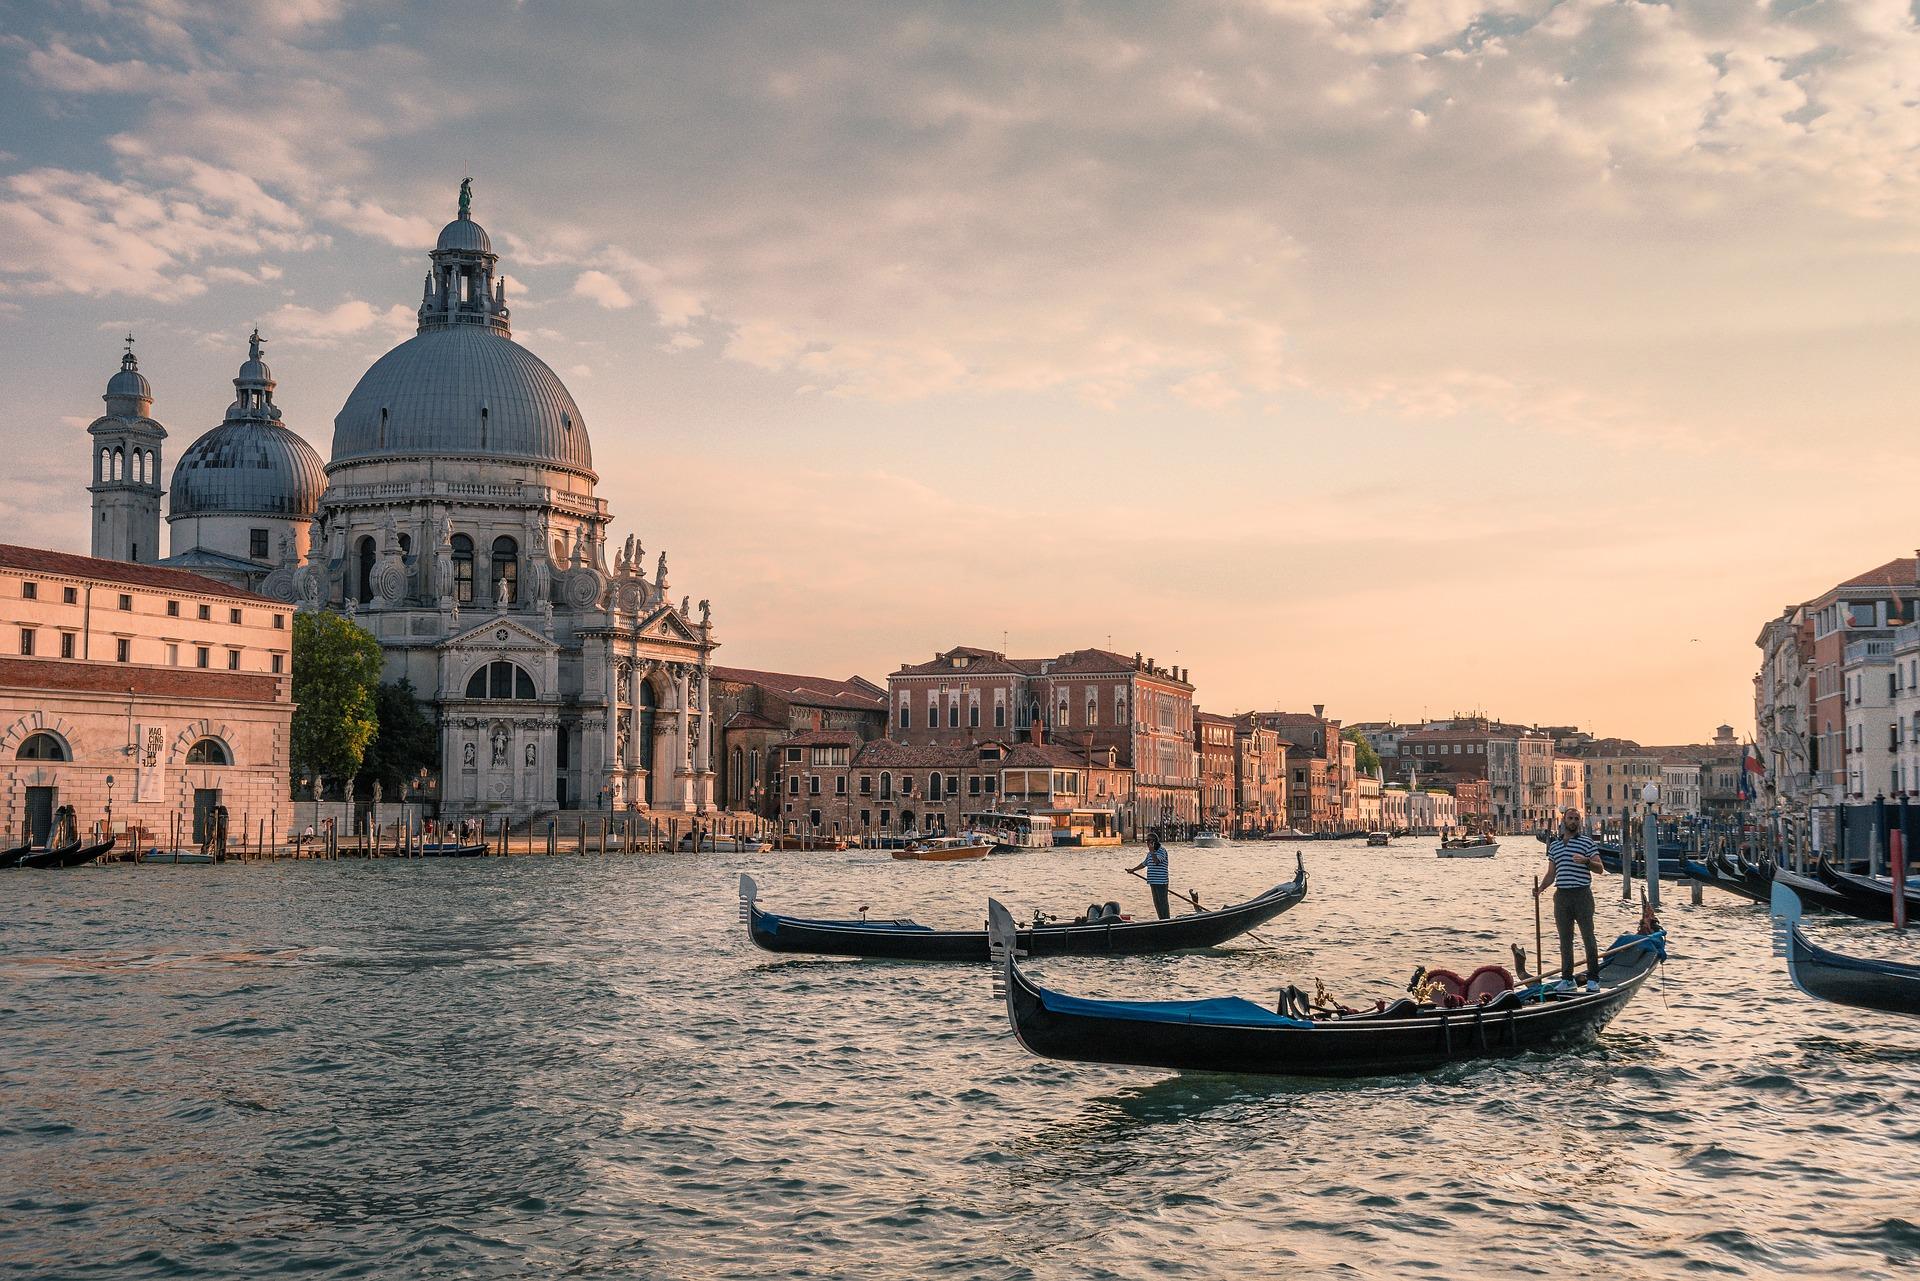 Отель Terme Due Torri является идеальным местом для знакомства с Венецией, регионом Венето и другими удивительными местами северной Италии.